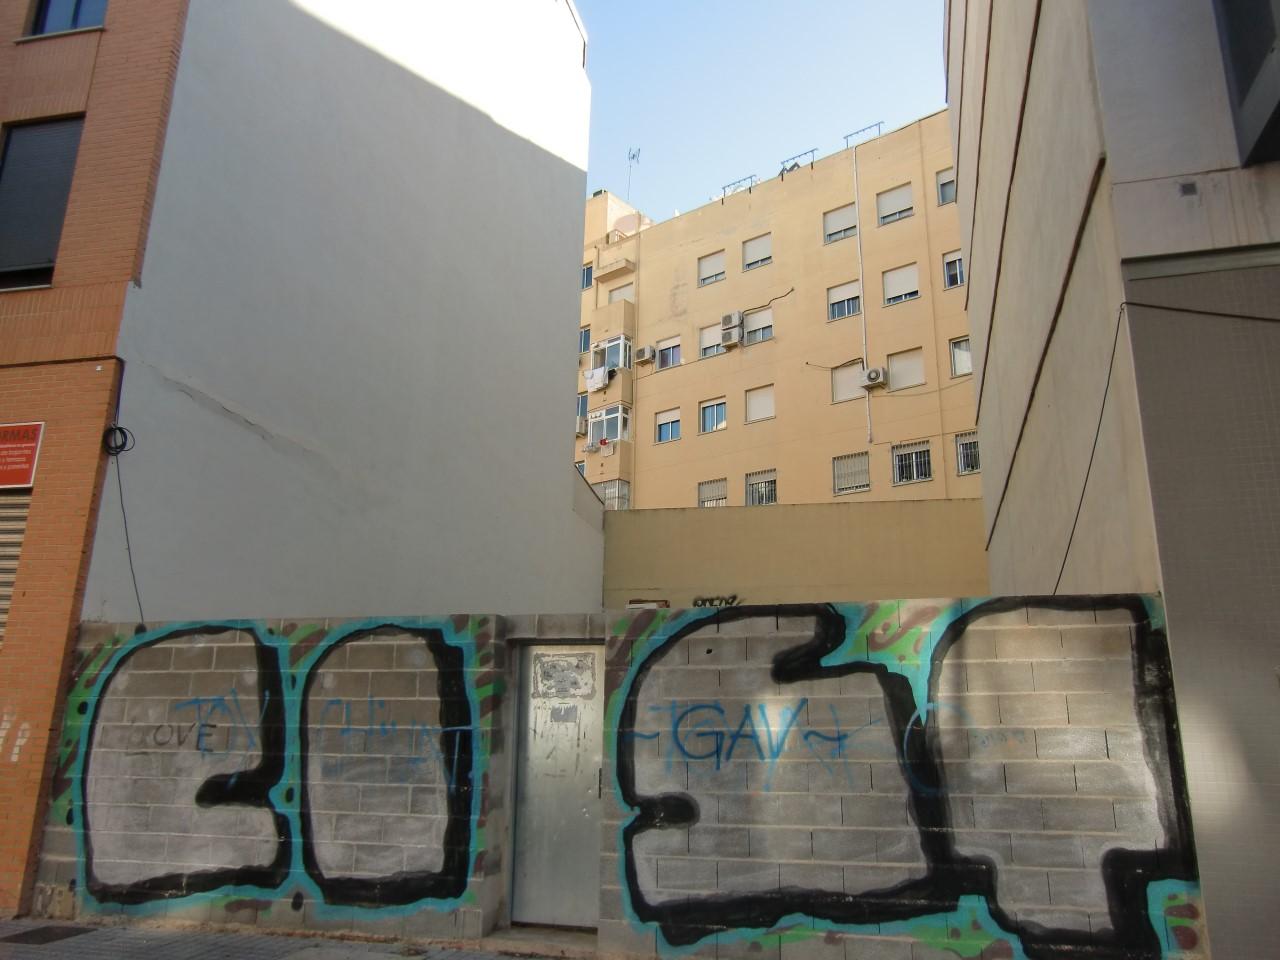 Terrain urbain  Alboraya ,nuevo bulevar